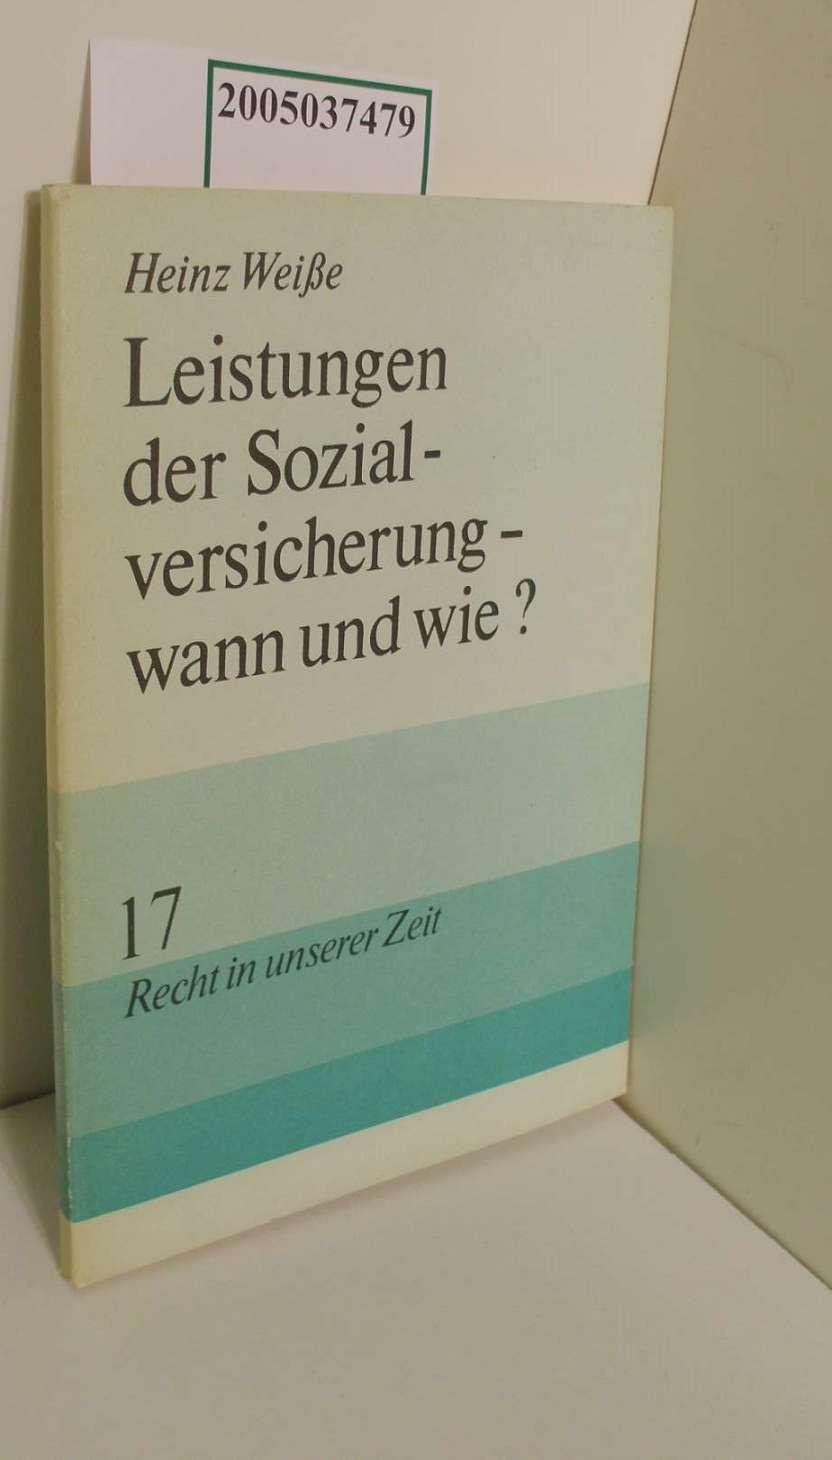 Leistungen der Sozialversicherung - wann und wie? / Heinz Weisse / Recht in unserer Zeit 17 2., überarb. Aufl.